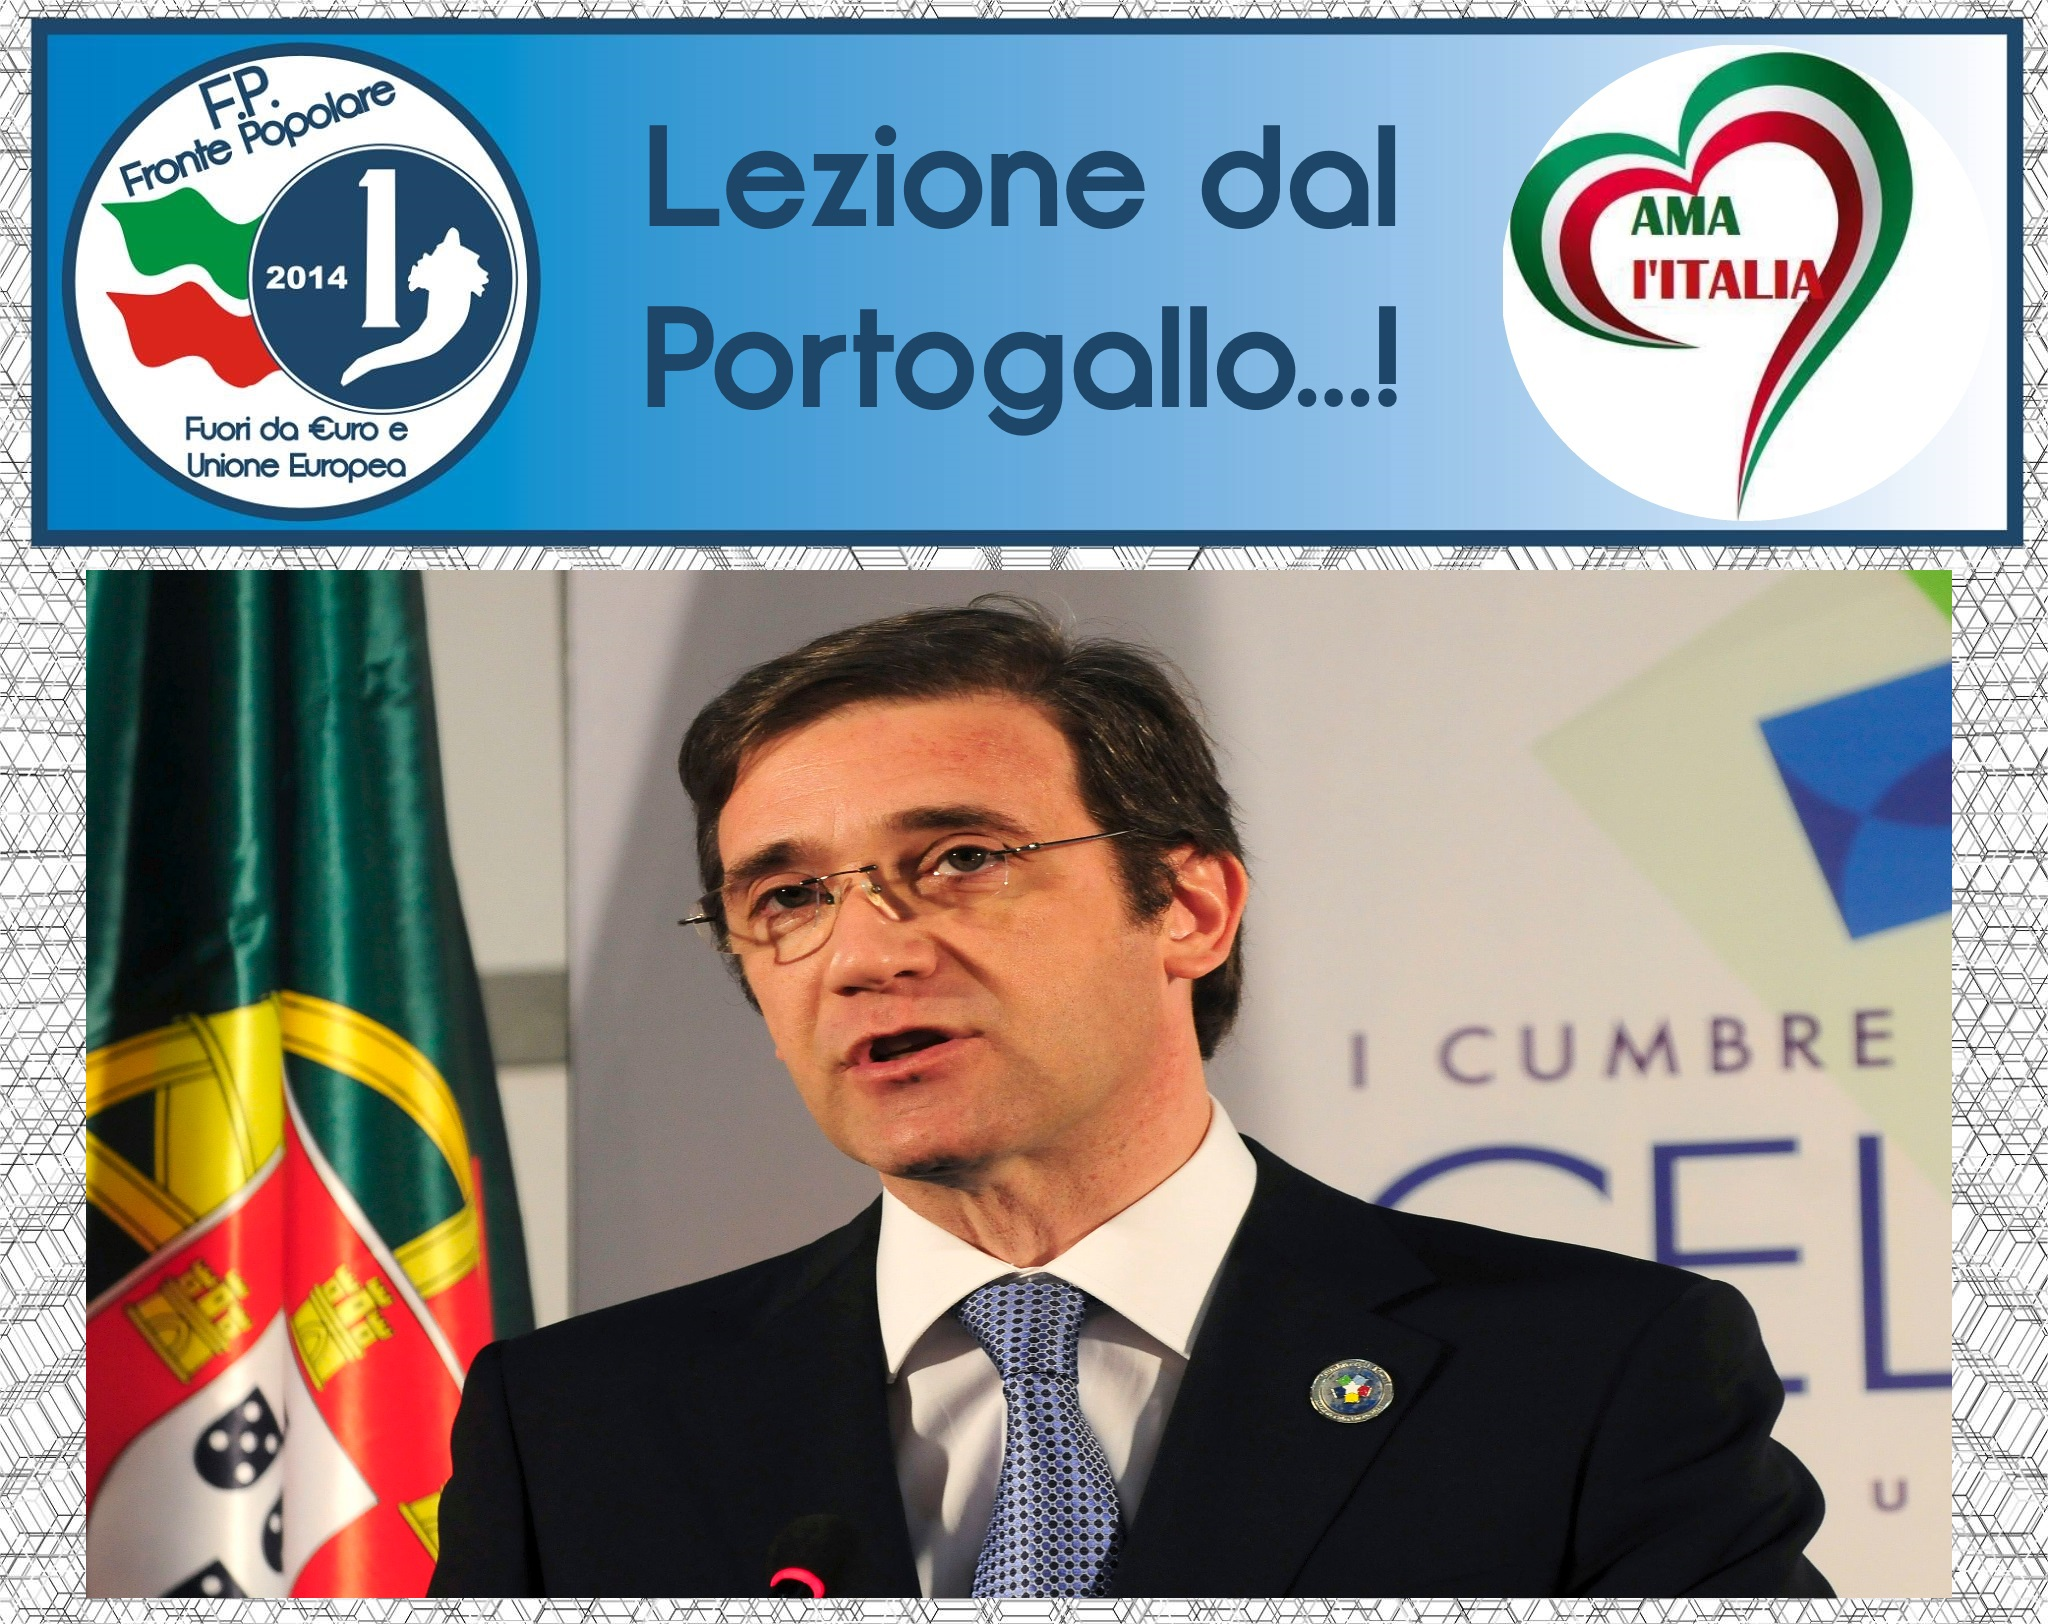 elezioni portoghesi_fronte popolare